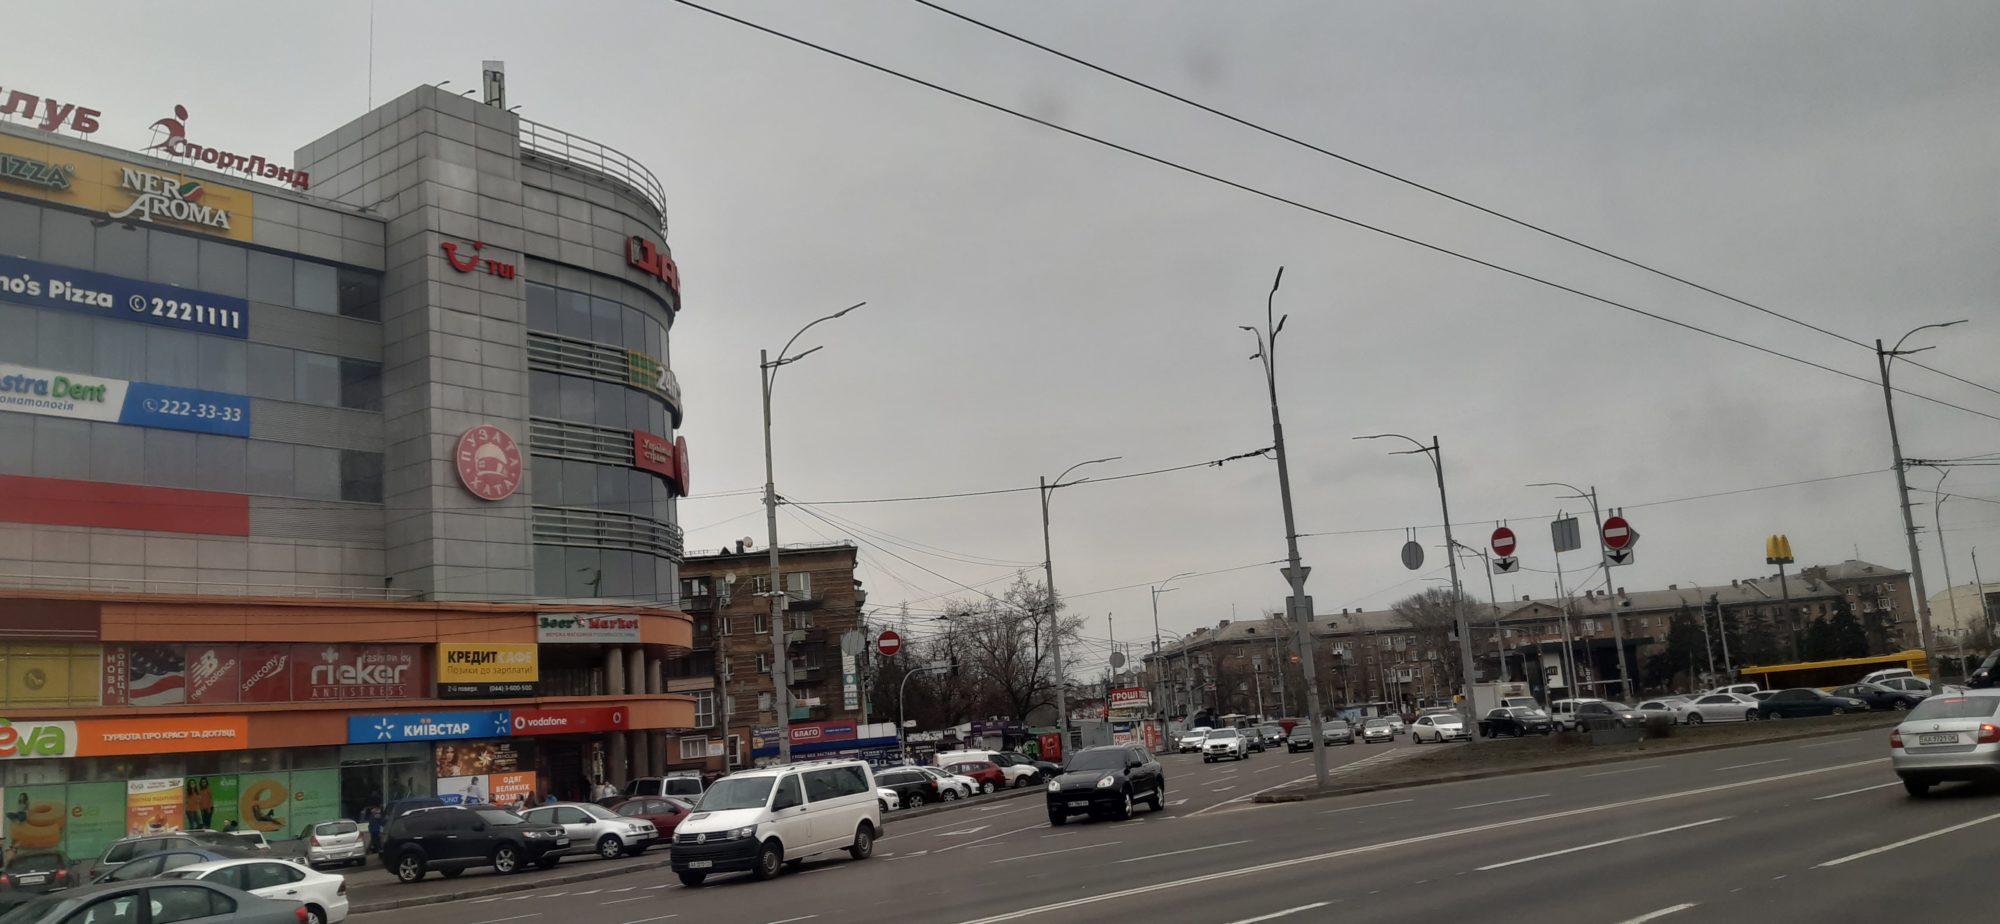 Через коронавірус у Києві закривають школи, садочки та кінотеатри - коронавірус - 20200307 151236 2000x924